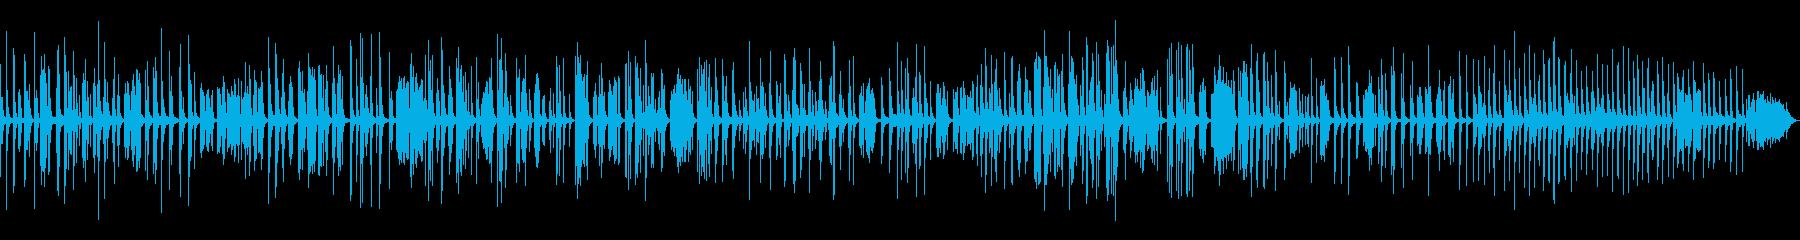 KANTちょうど25分のピアノ現代曲の再生済みの波形